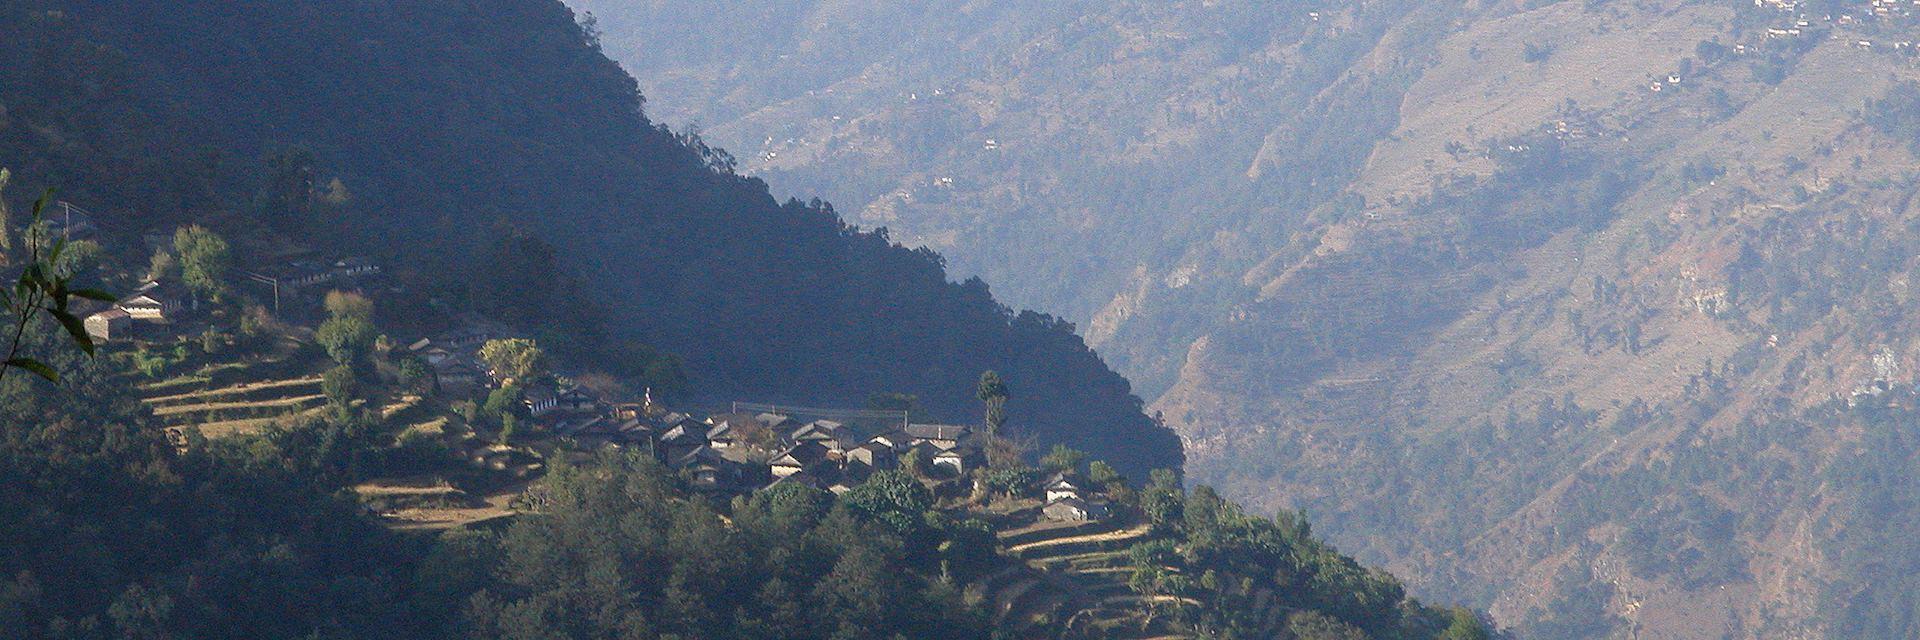 Tanchock village